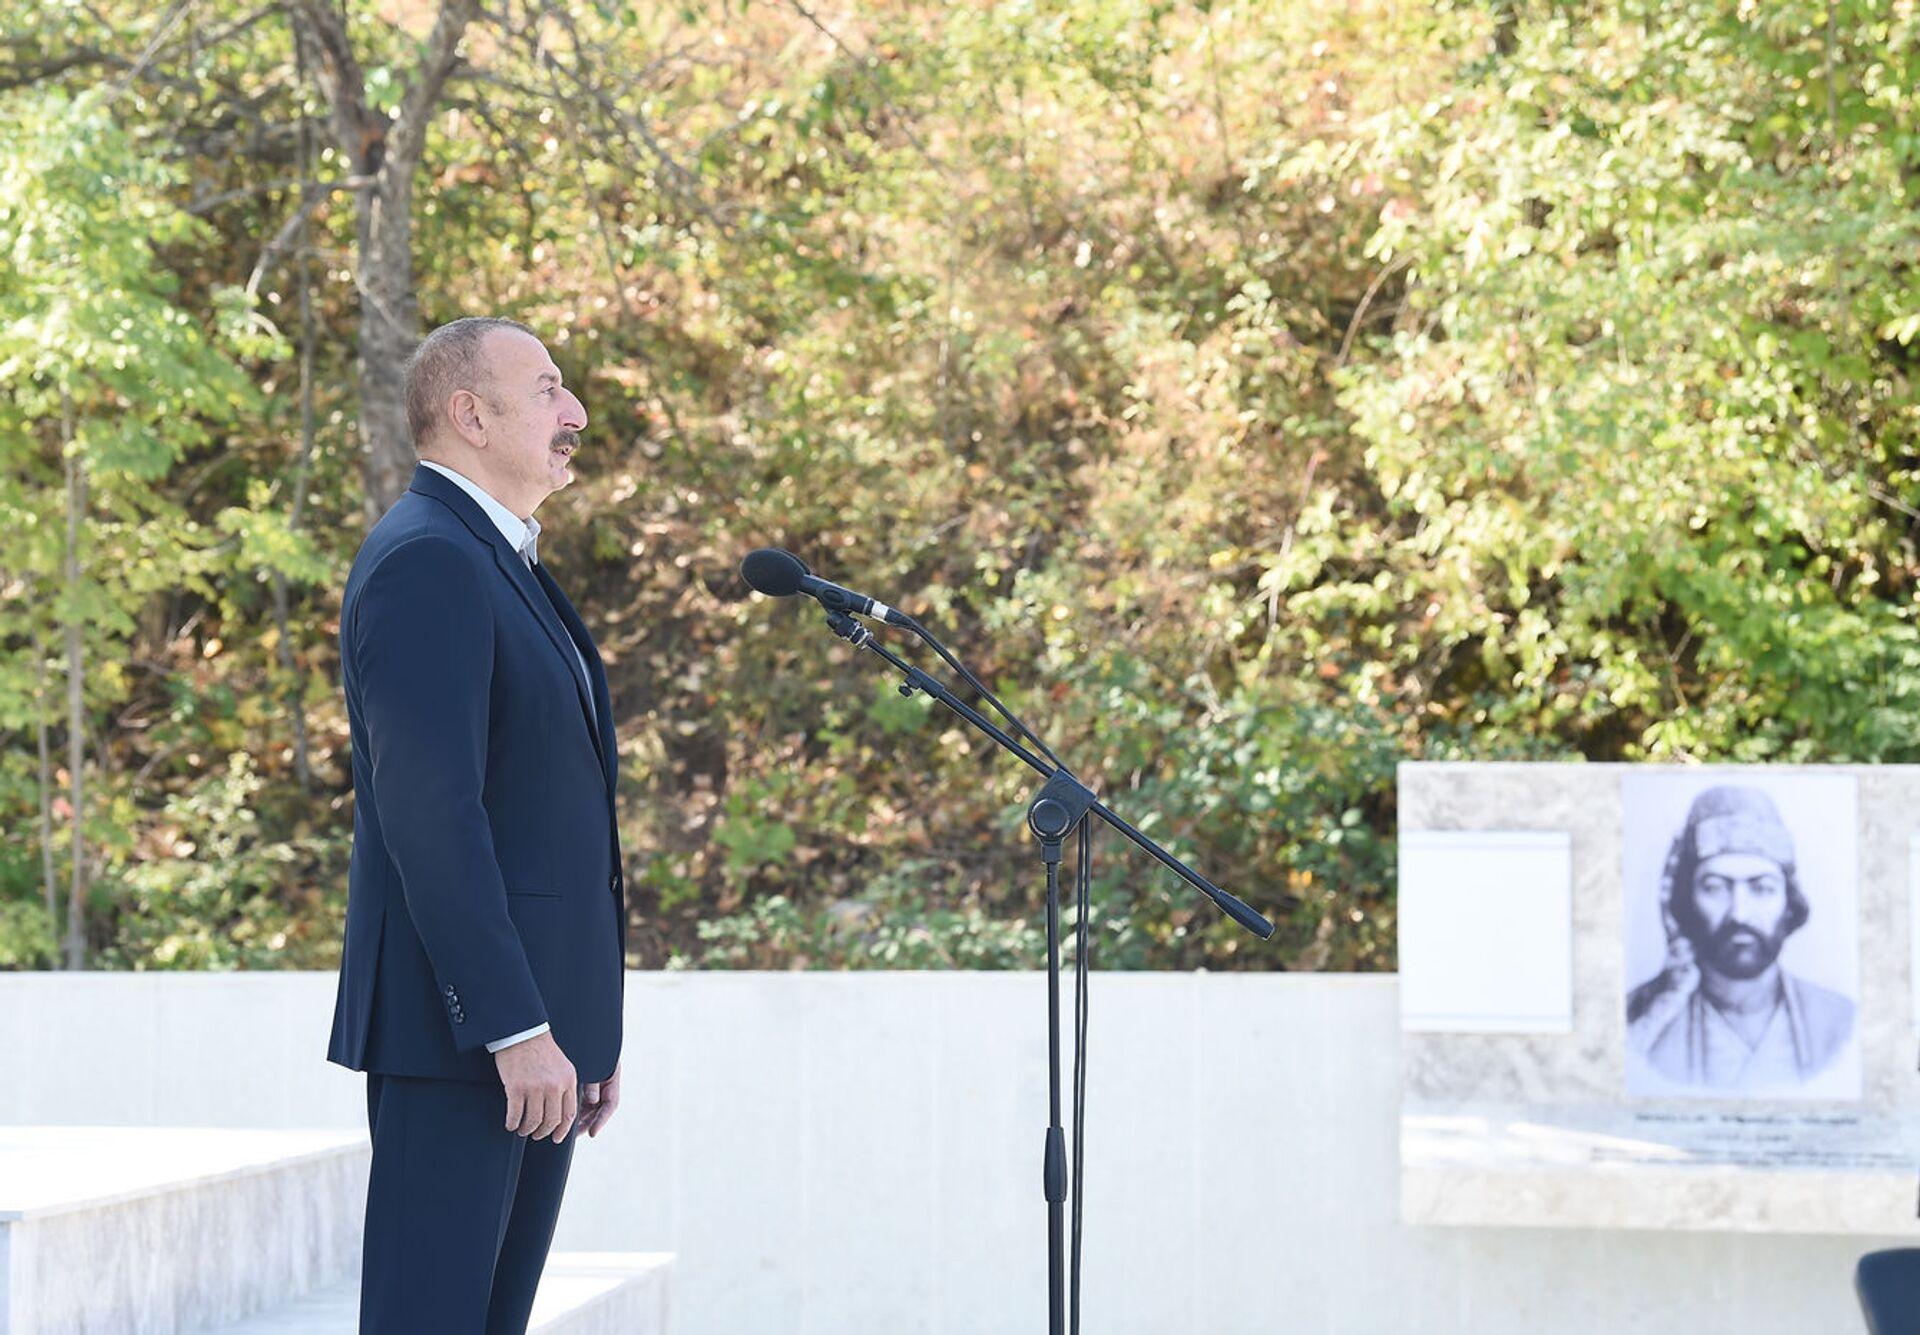 Prezident İlham Əliyev Şuşada Vaqif Poeziya Günlərinin açılışında - Sputnik Азербайджан, 1920, 01.10.2021